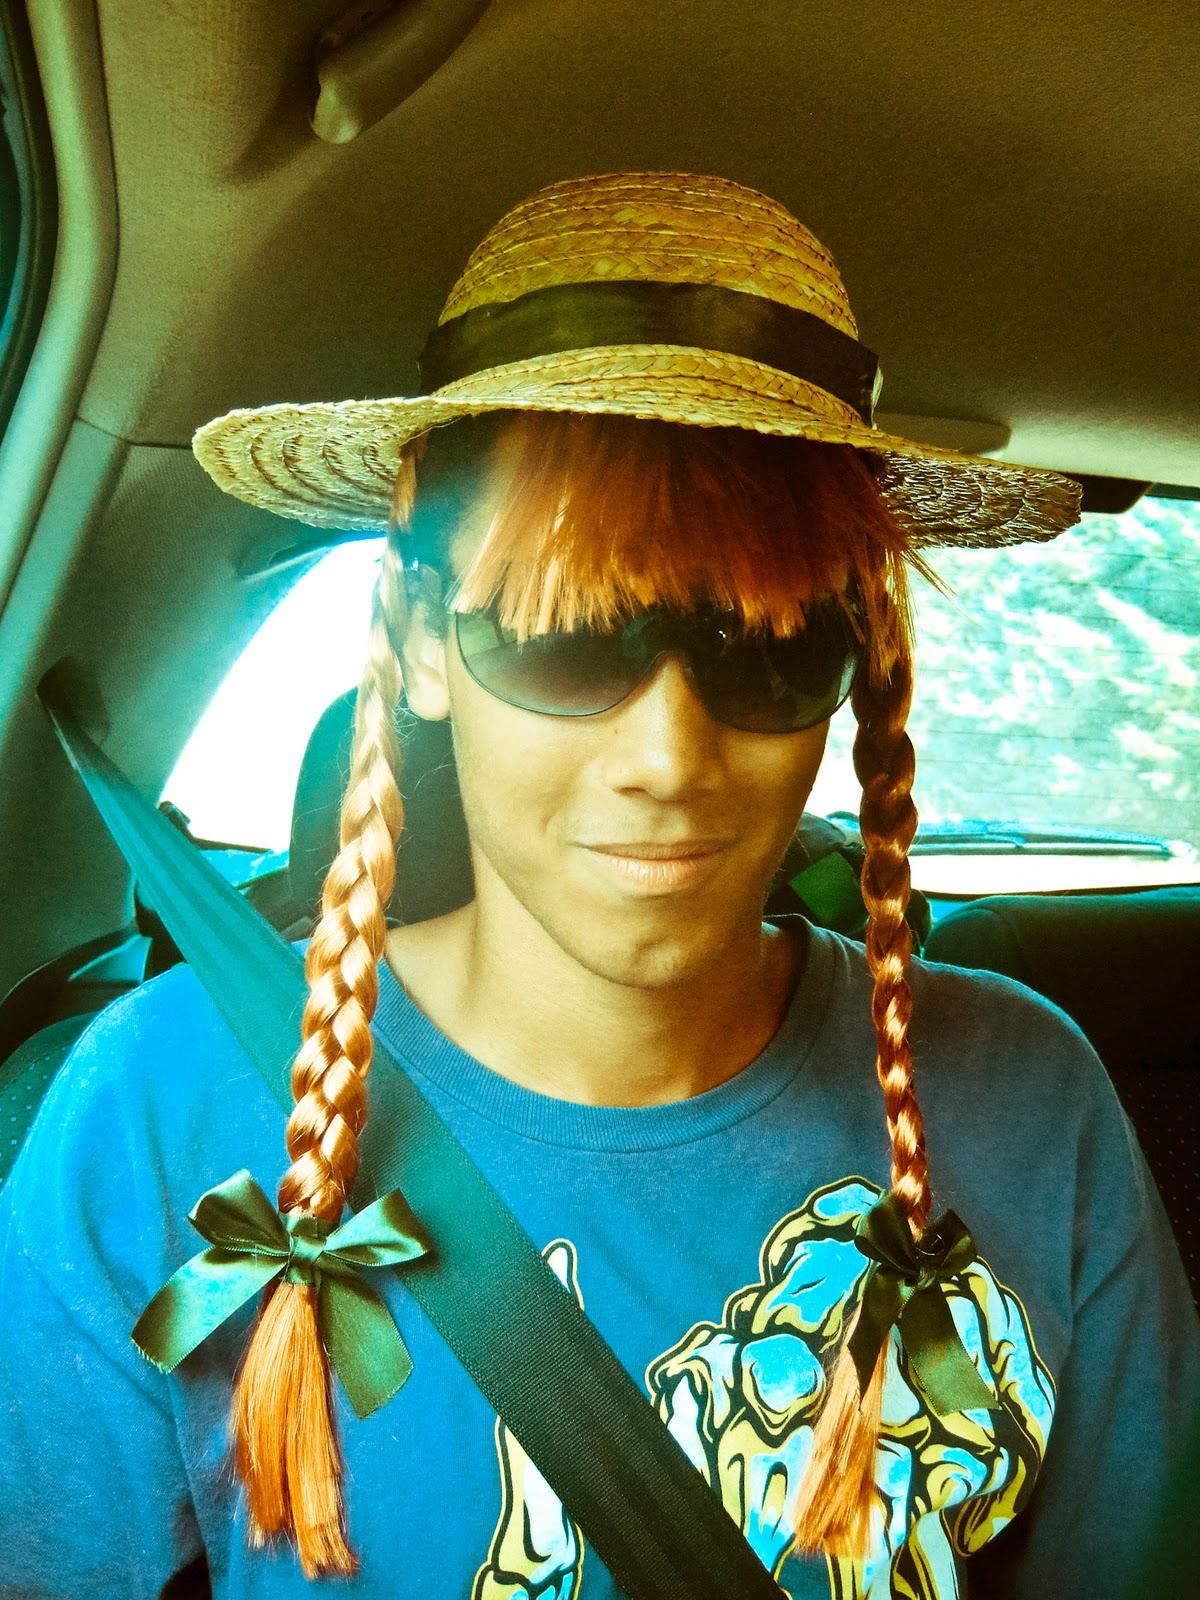 http://3.bp.blogspot.com/_Kiv2RcsKjEg/TQFAV4UkAOI/AAAAAAAAB5E/dUFQ7KU5hAE/s1600/josh+hat.jpg